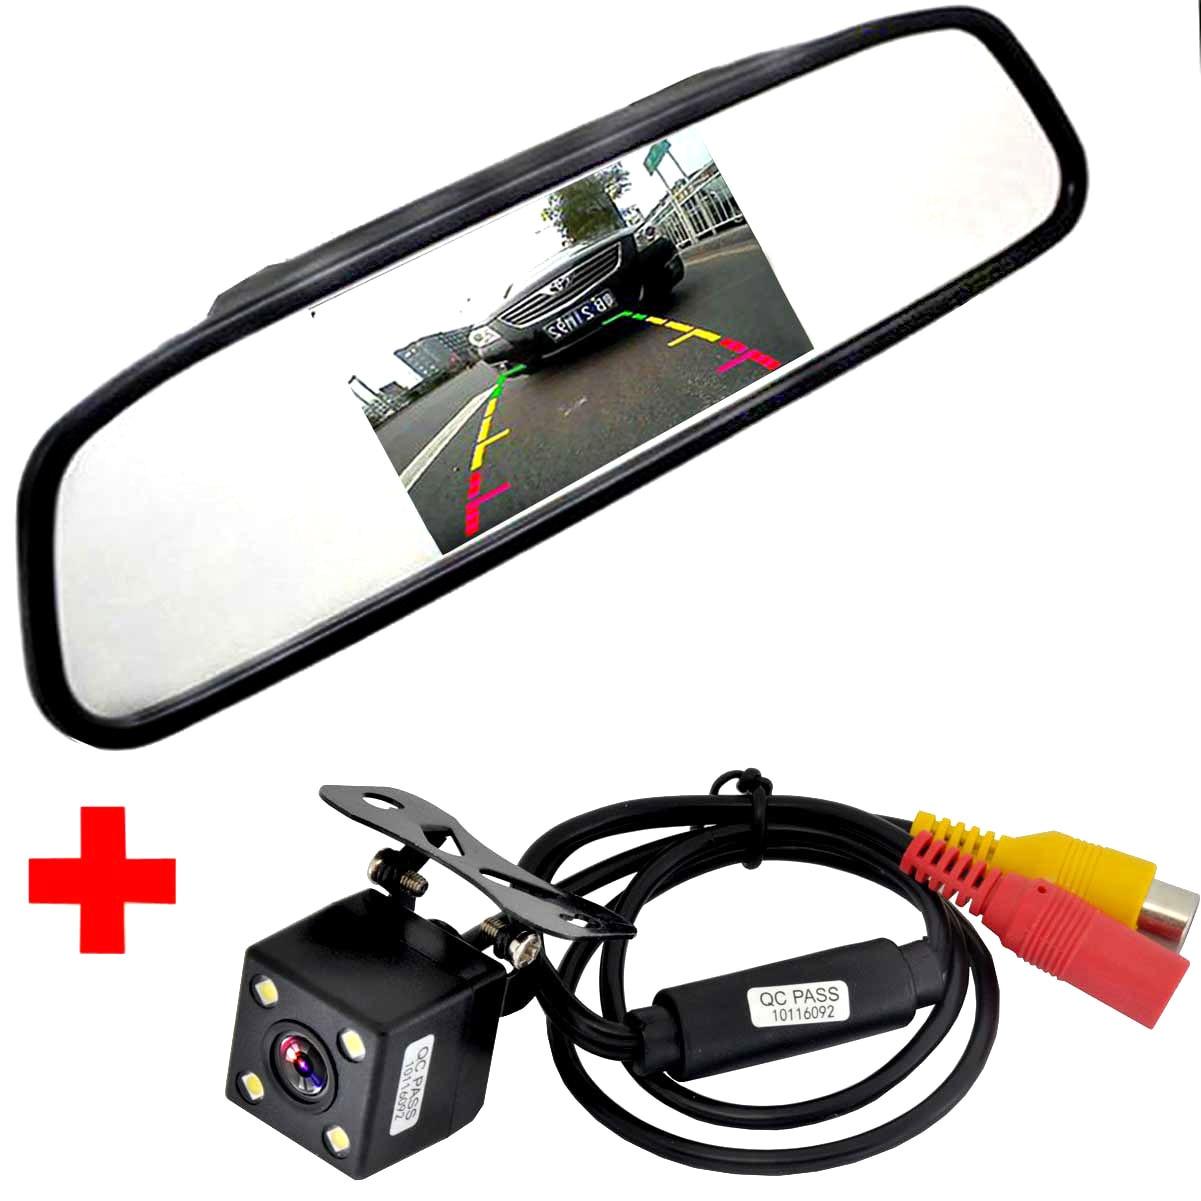 Monitor video do estacionamento do carro hd, visão noturna conduzida que inverte a câmera de visão traseira do carro do ccd com monitor do espelho retrovisor do carro de 4.3 polegadas